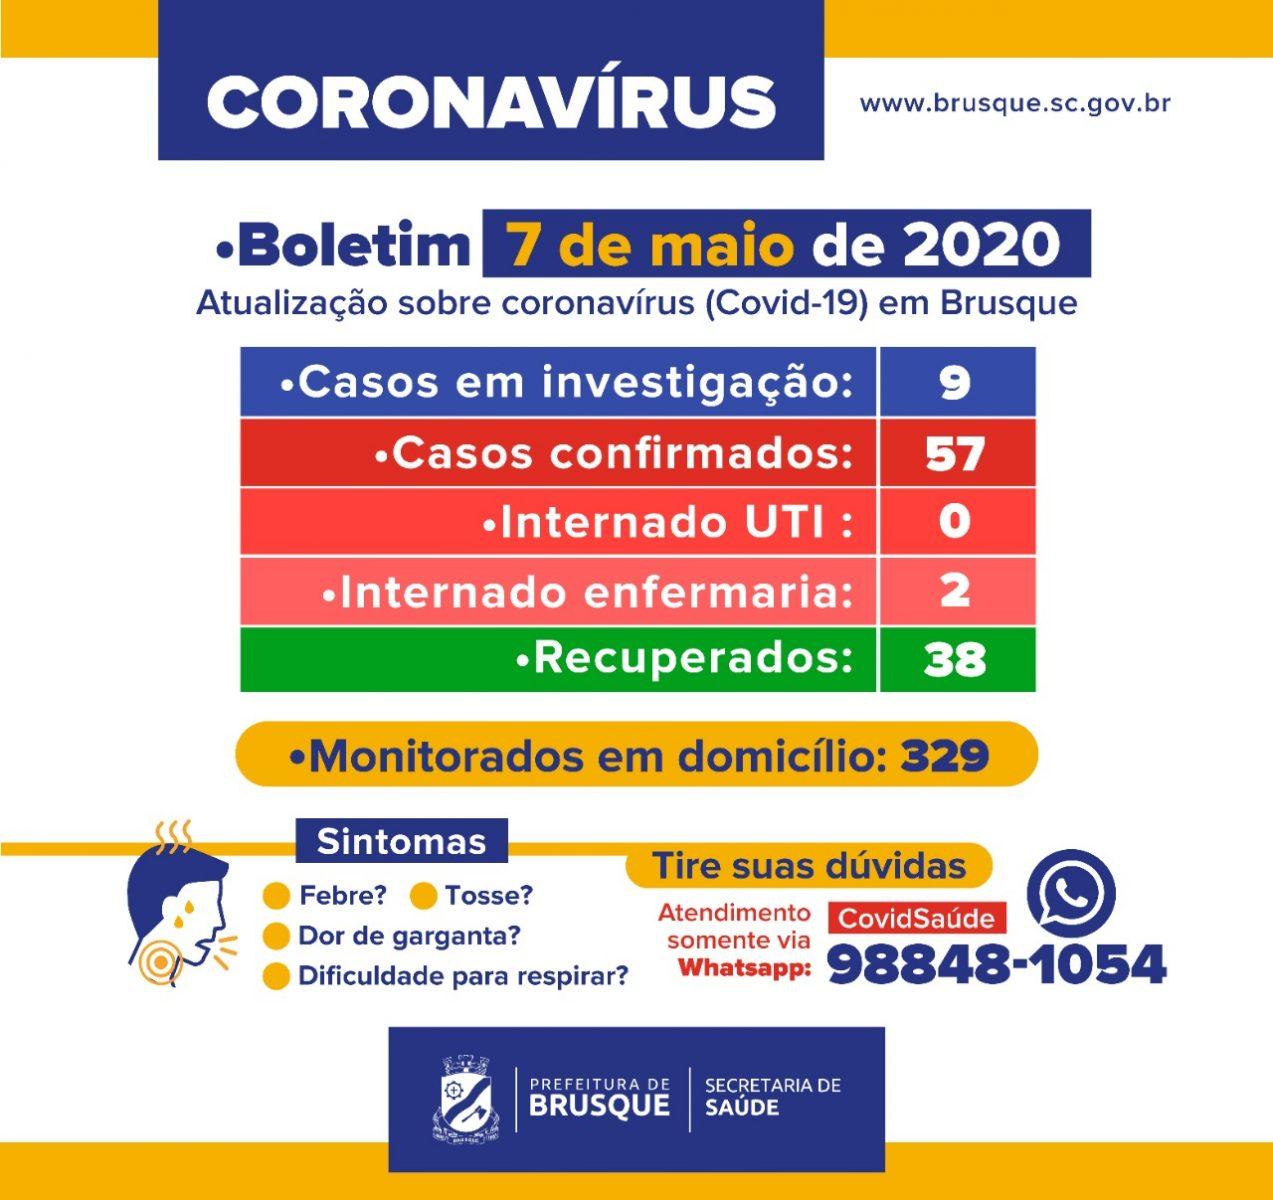 Brusque tem 57 casos confirmados do novo coronavírus